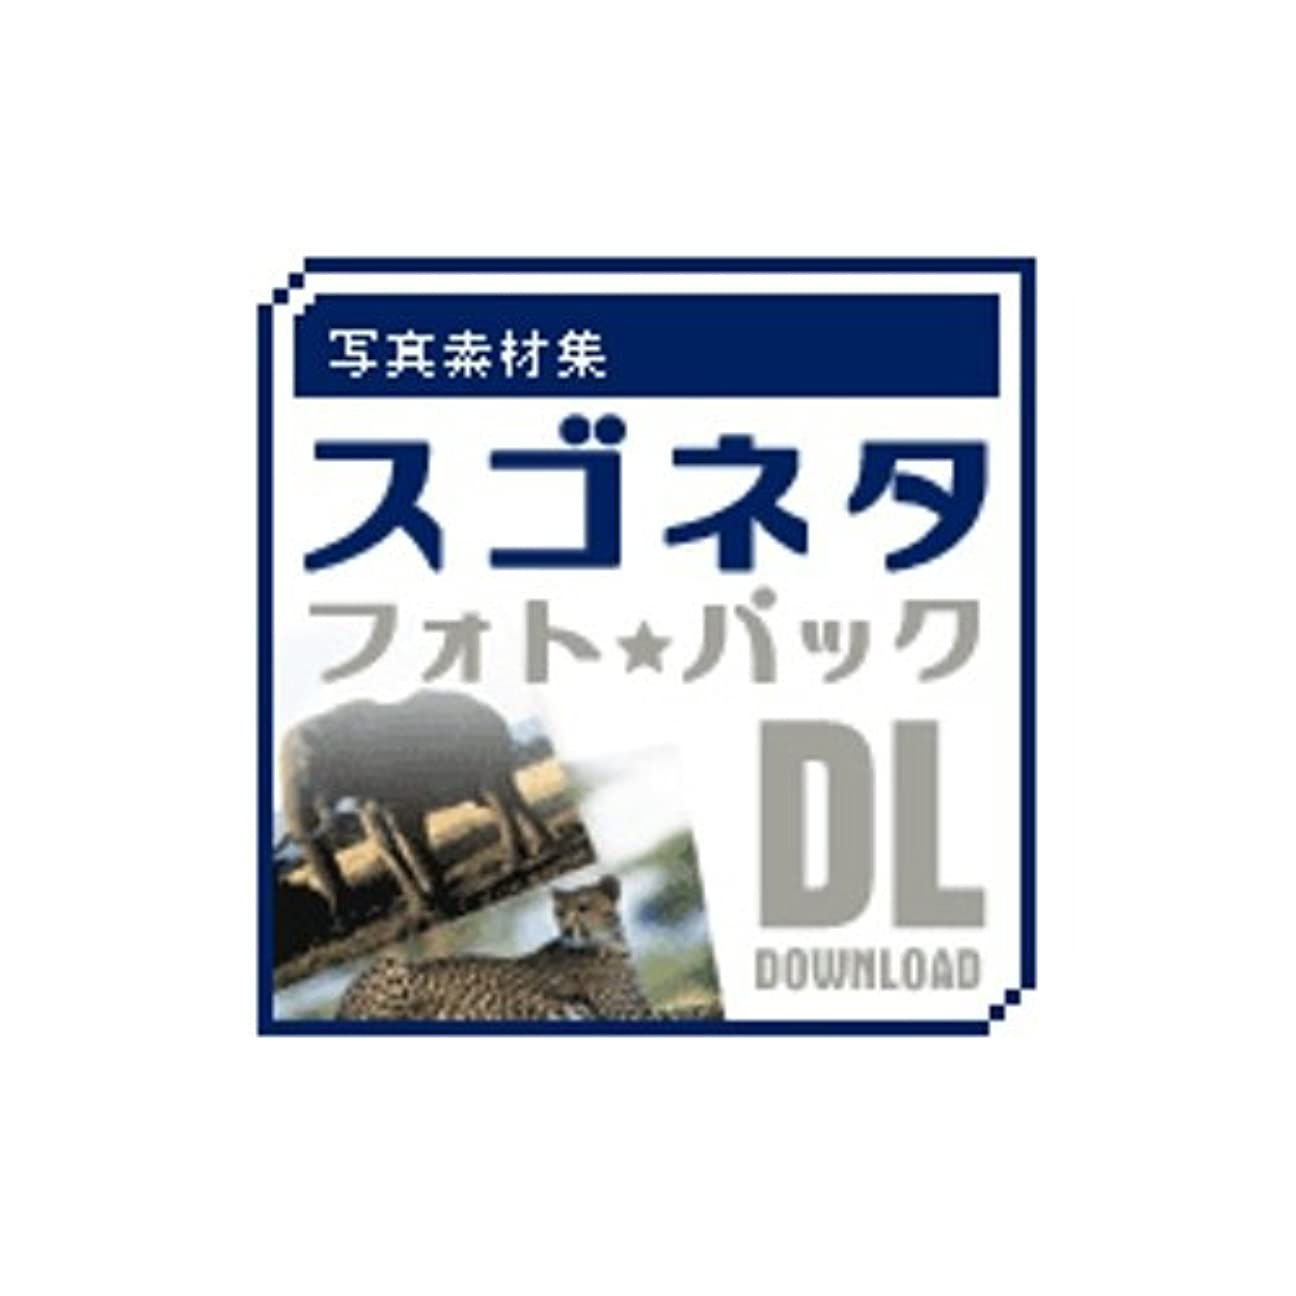 セメント包括的ちなみに写真素材集 スゴネタフォトパック ビジネスマン&ウーマン DL [ダウンロード]